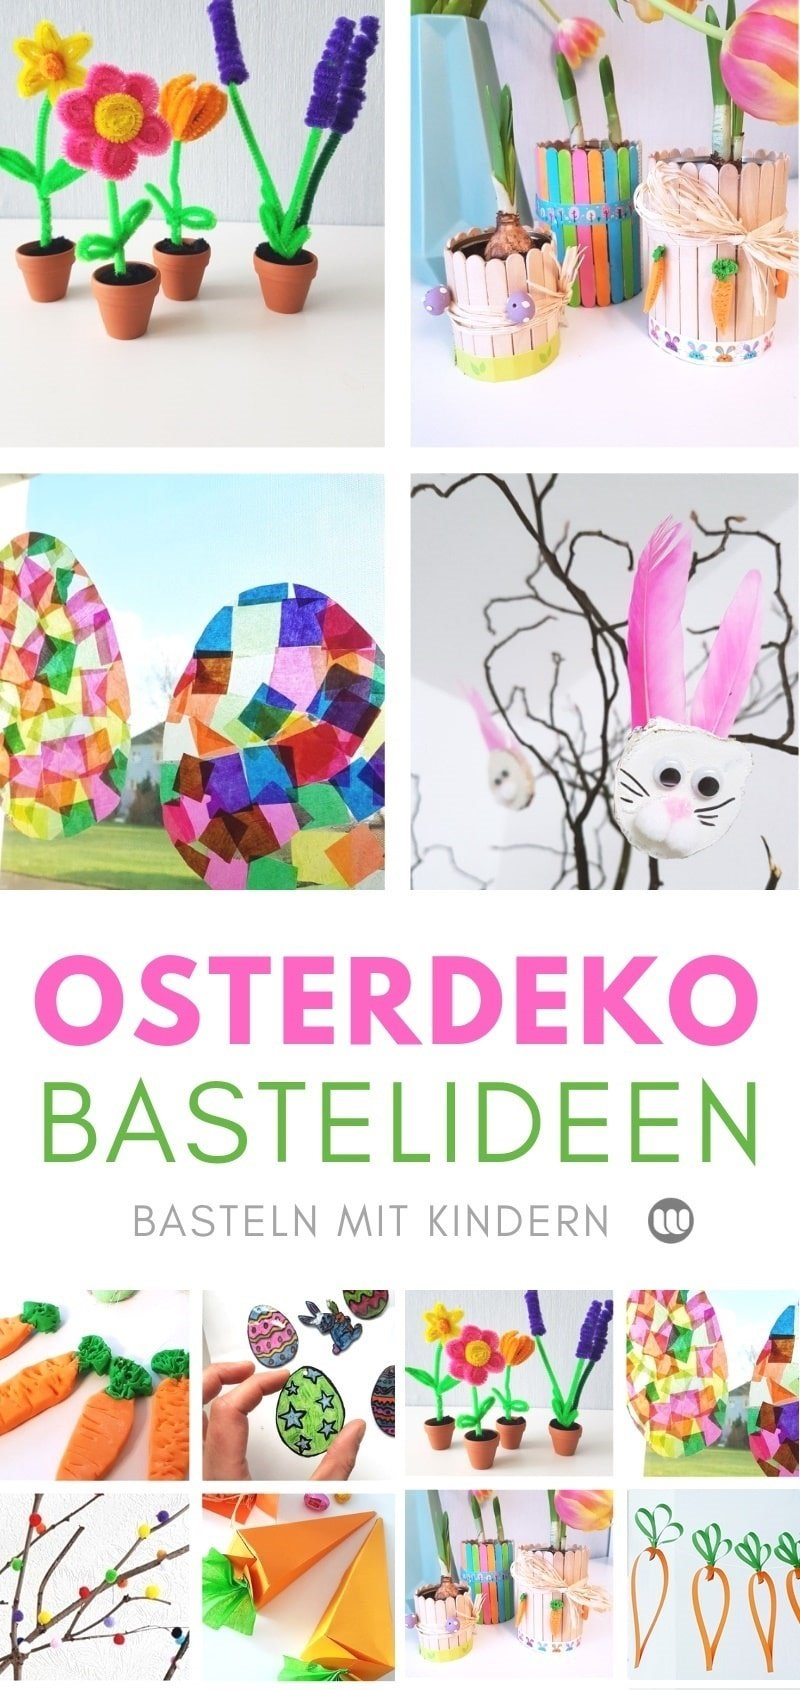 Osterbasteln Bastelideen für Kinder zu Ostern im Frühling